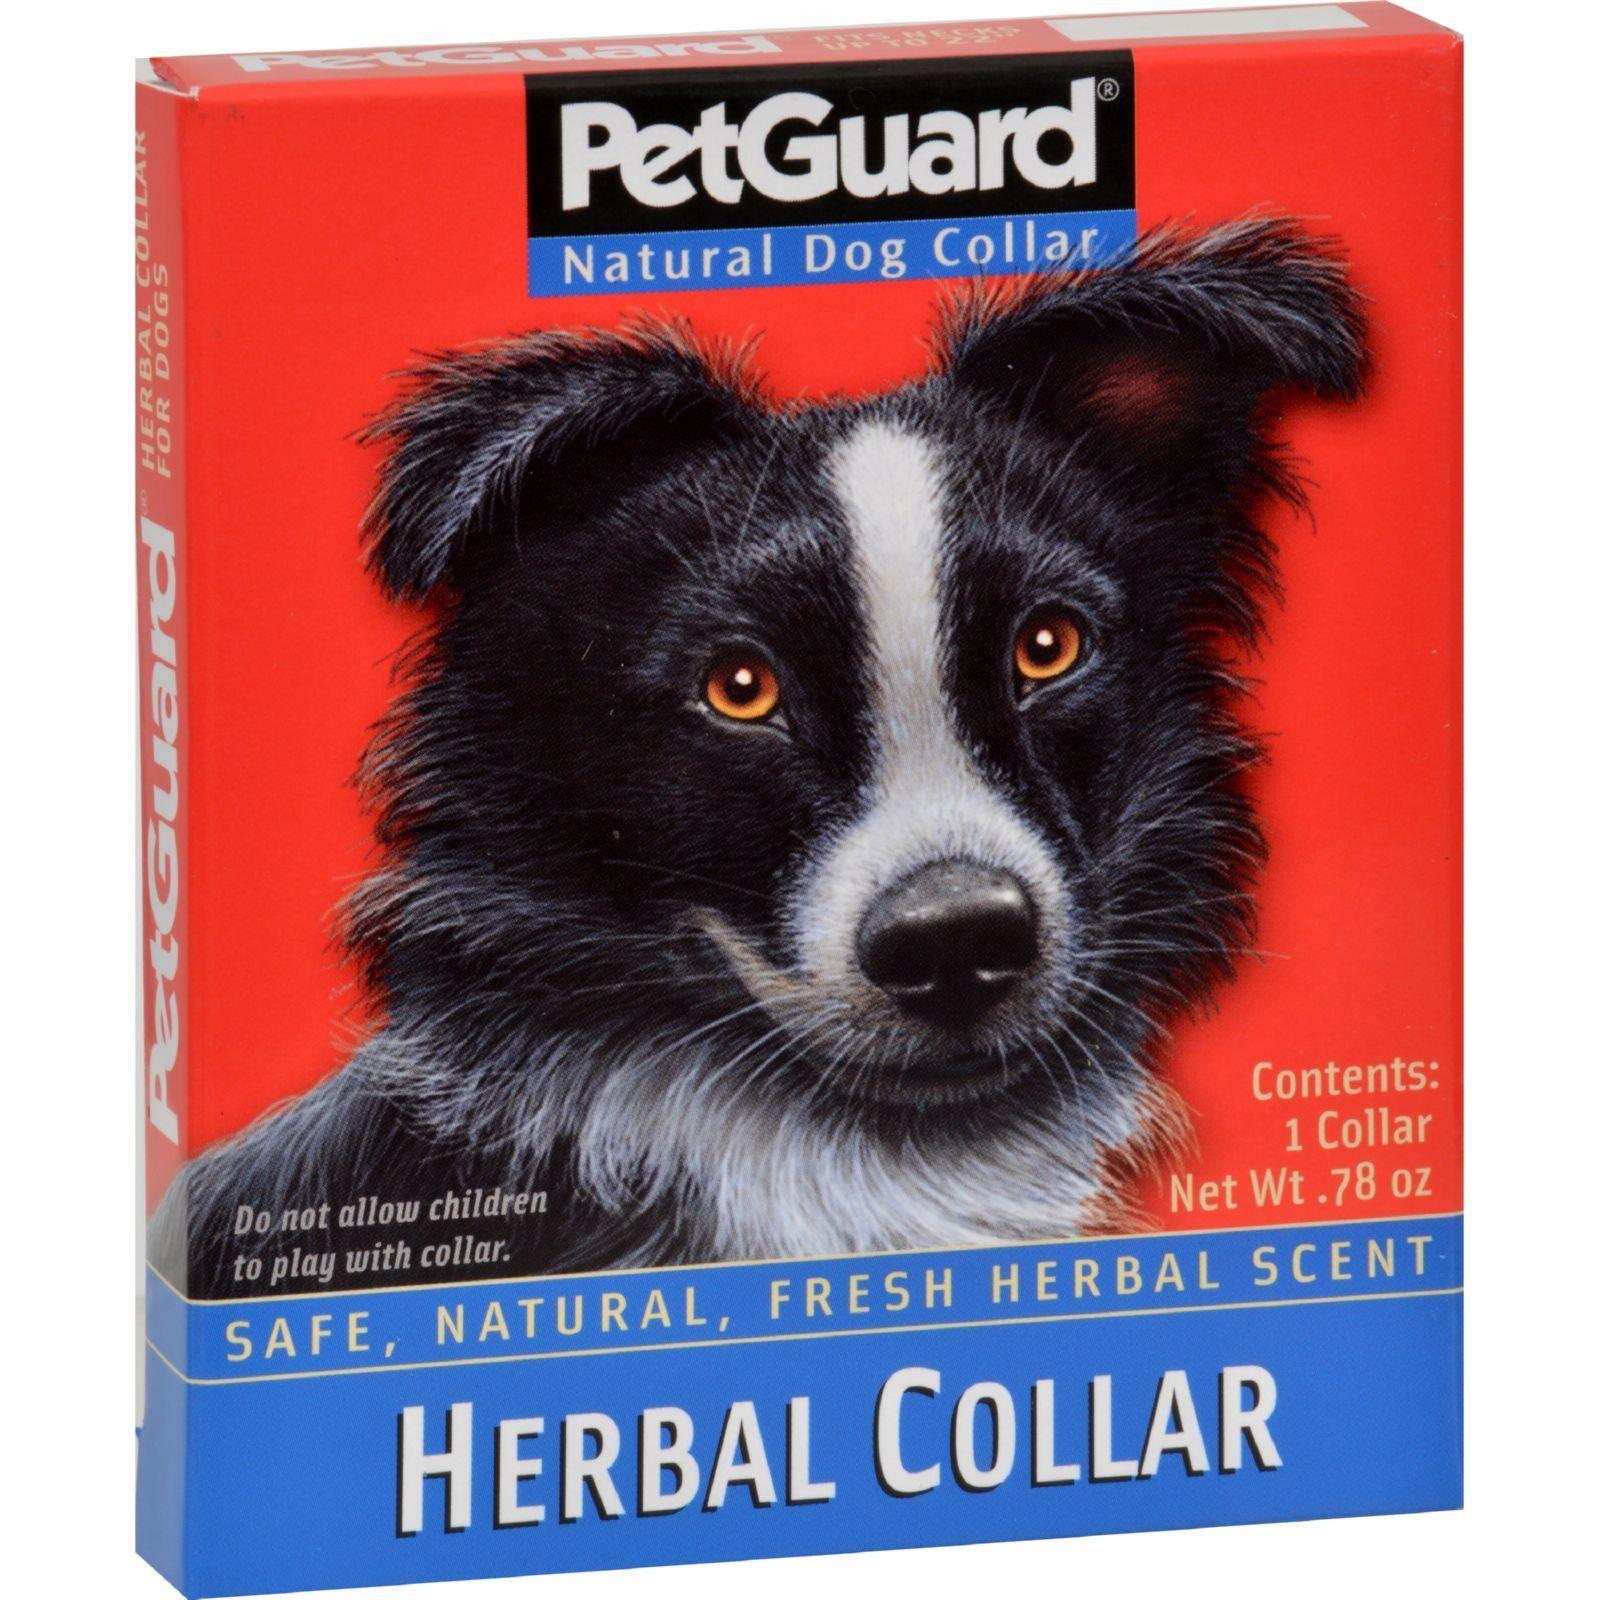 PetGuard Herbal Collar For Dogs Natural dog, Pet